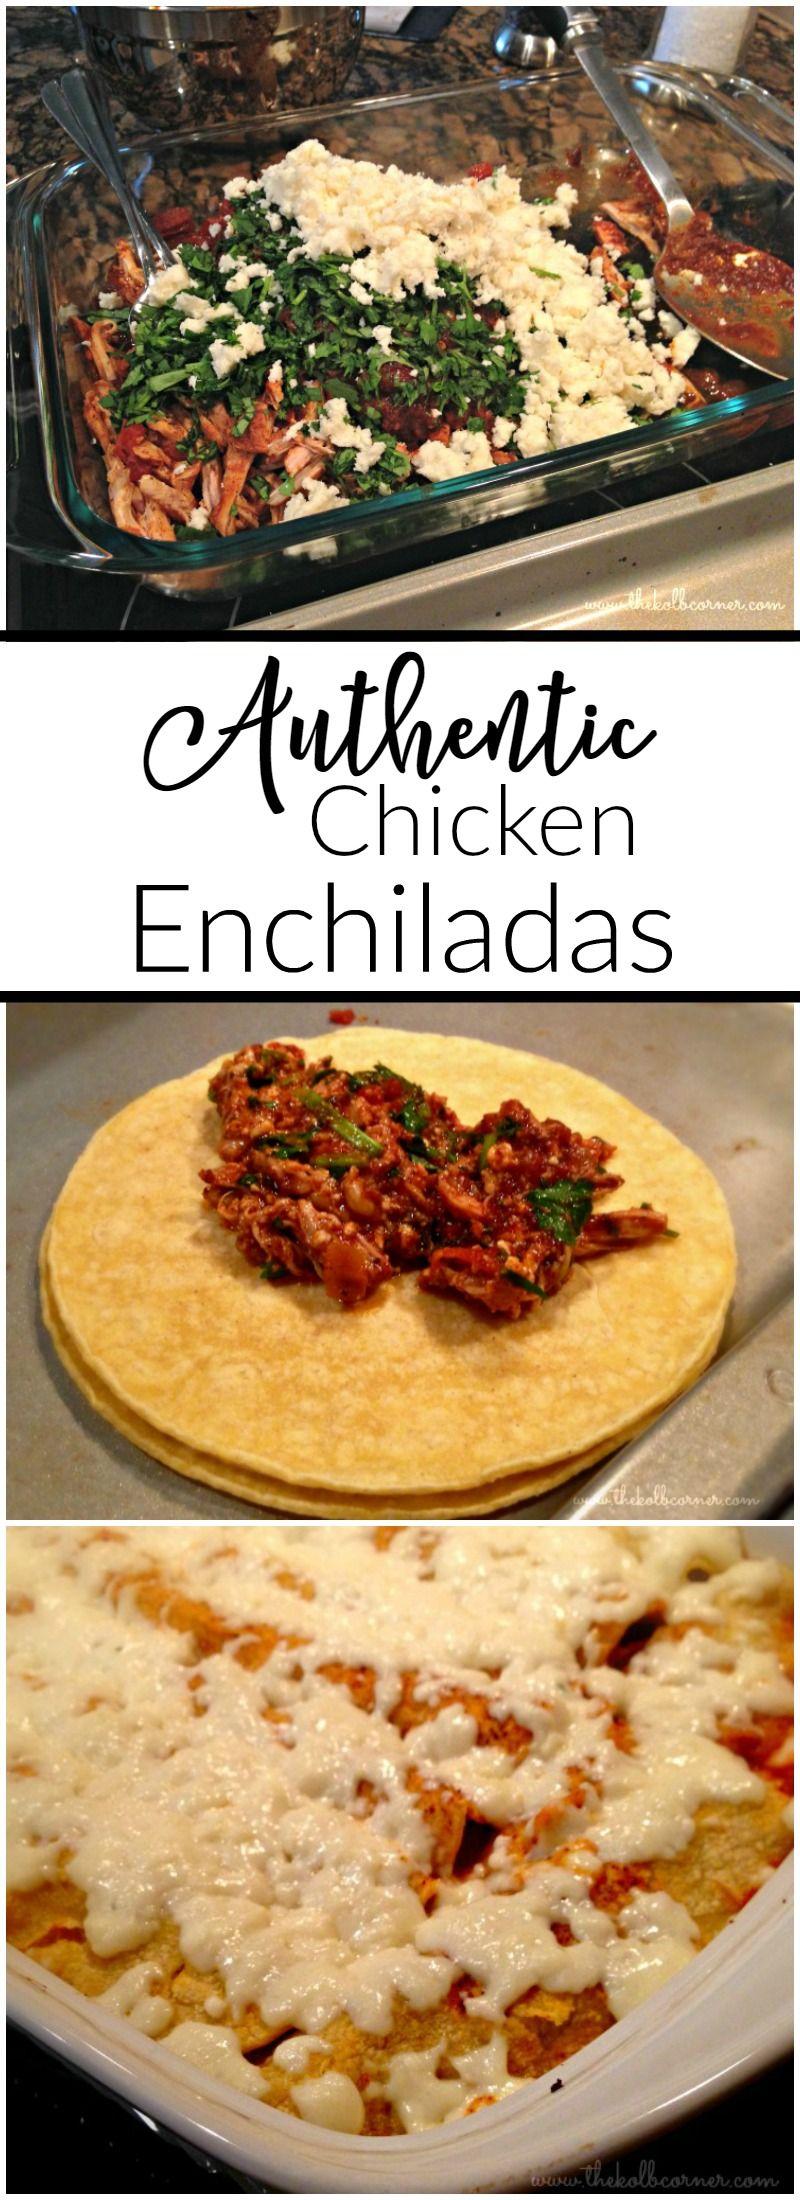 Authentic Chicken Enchiladas Recipe Crazy For Easy Recipes